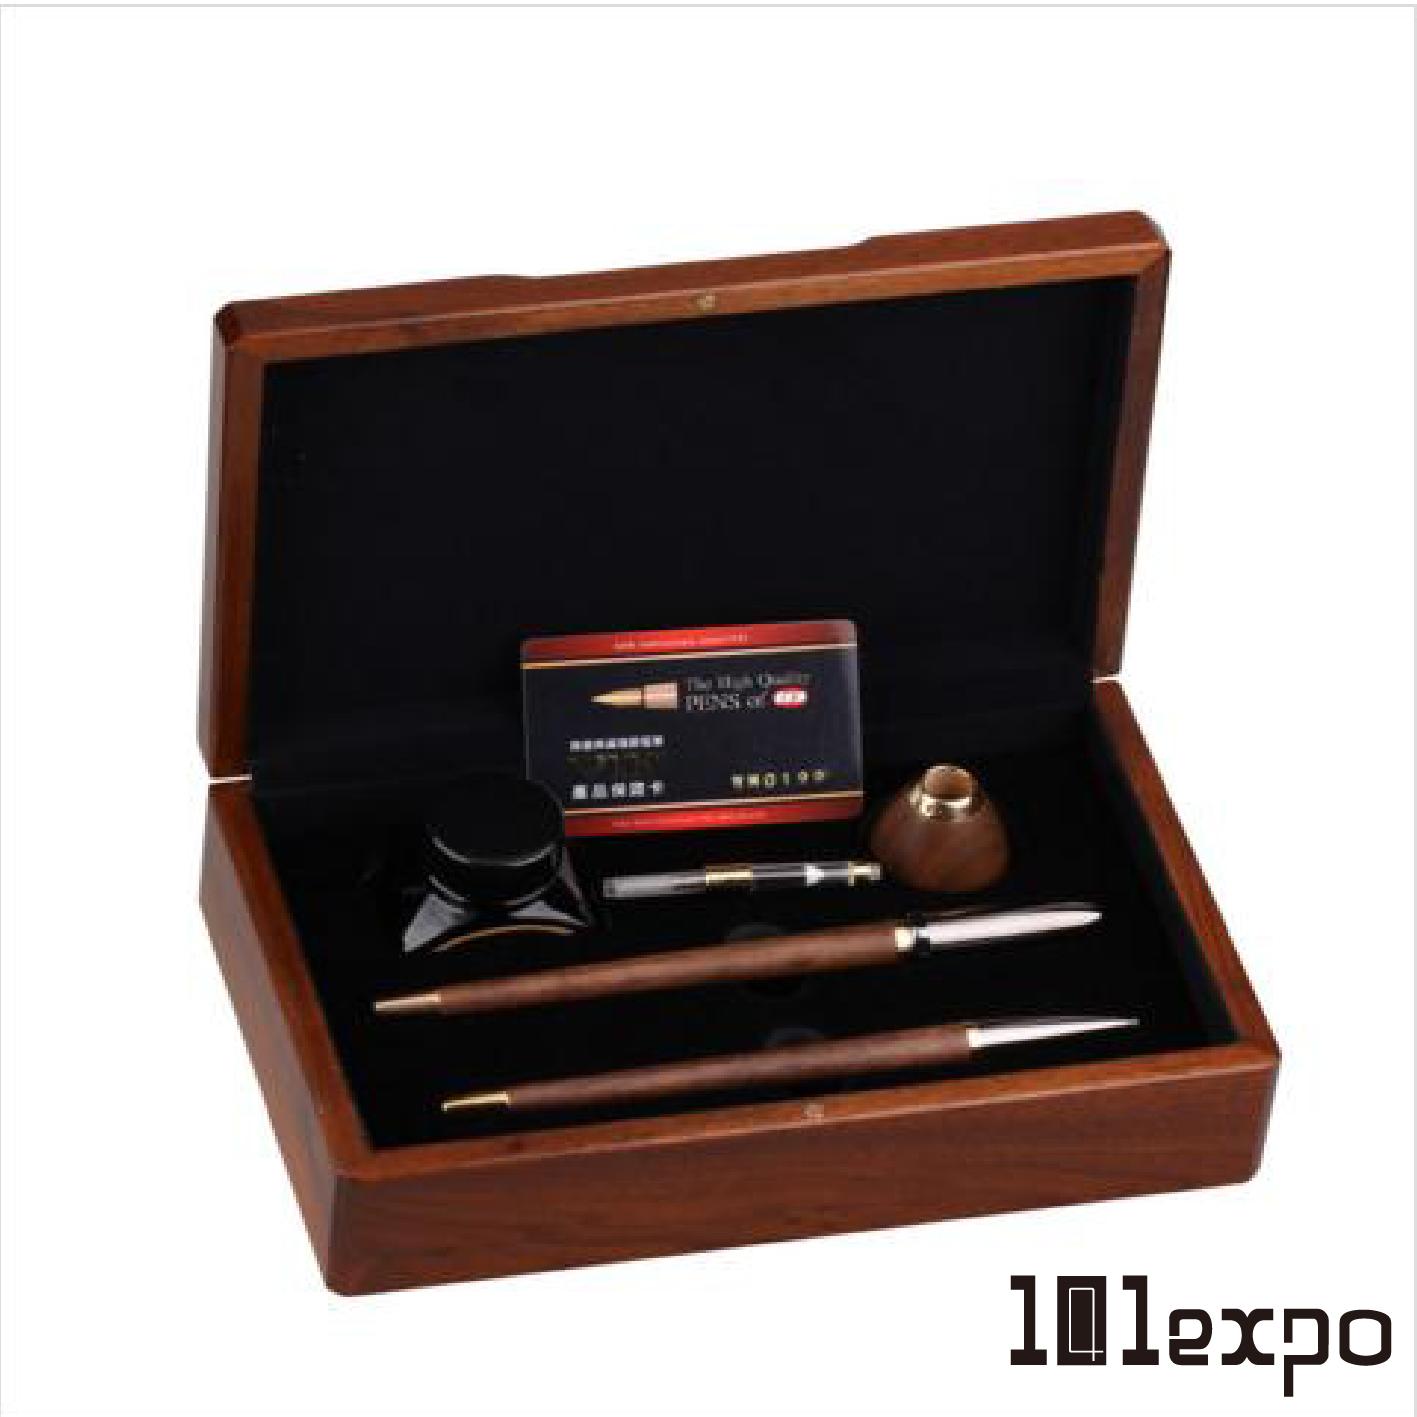 尊爵系列檯筆對筆禮盒組 (鍍黃金鋼筆/鍍黃金鋼珠筆)